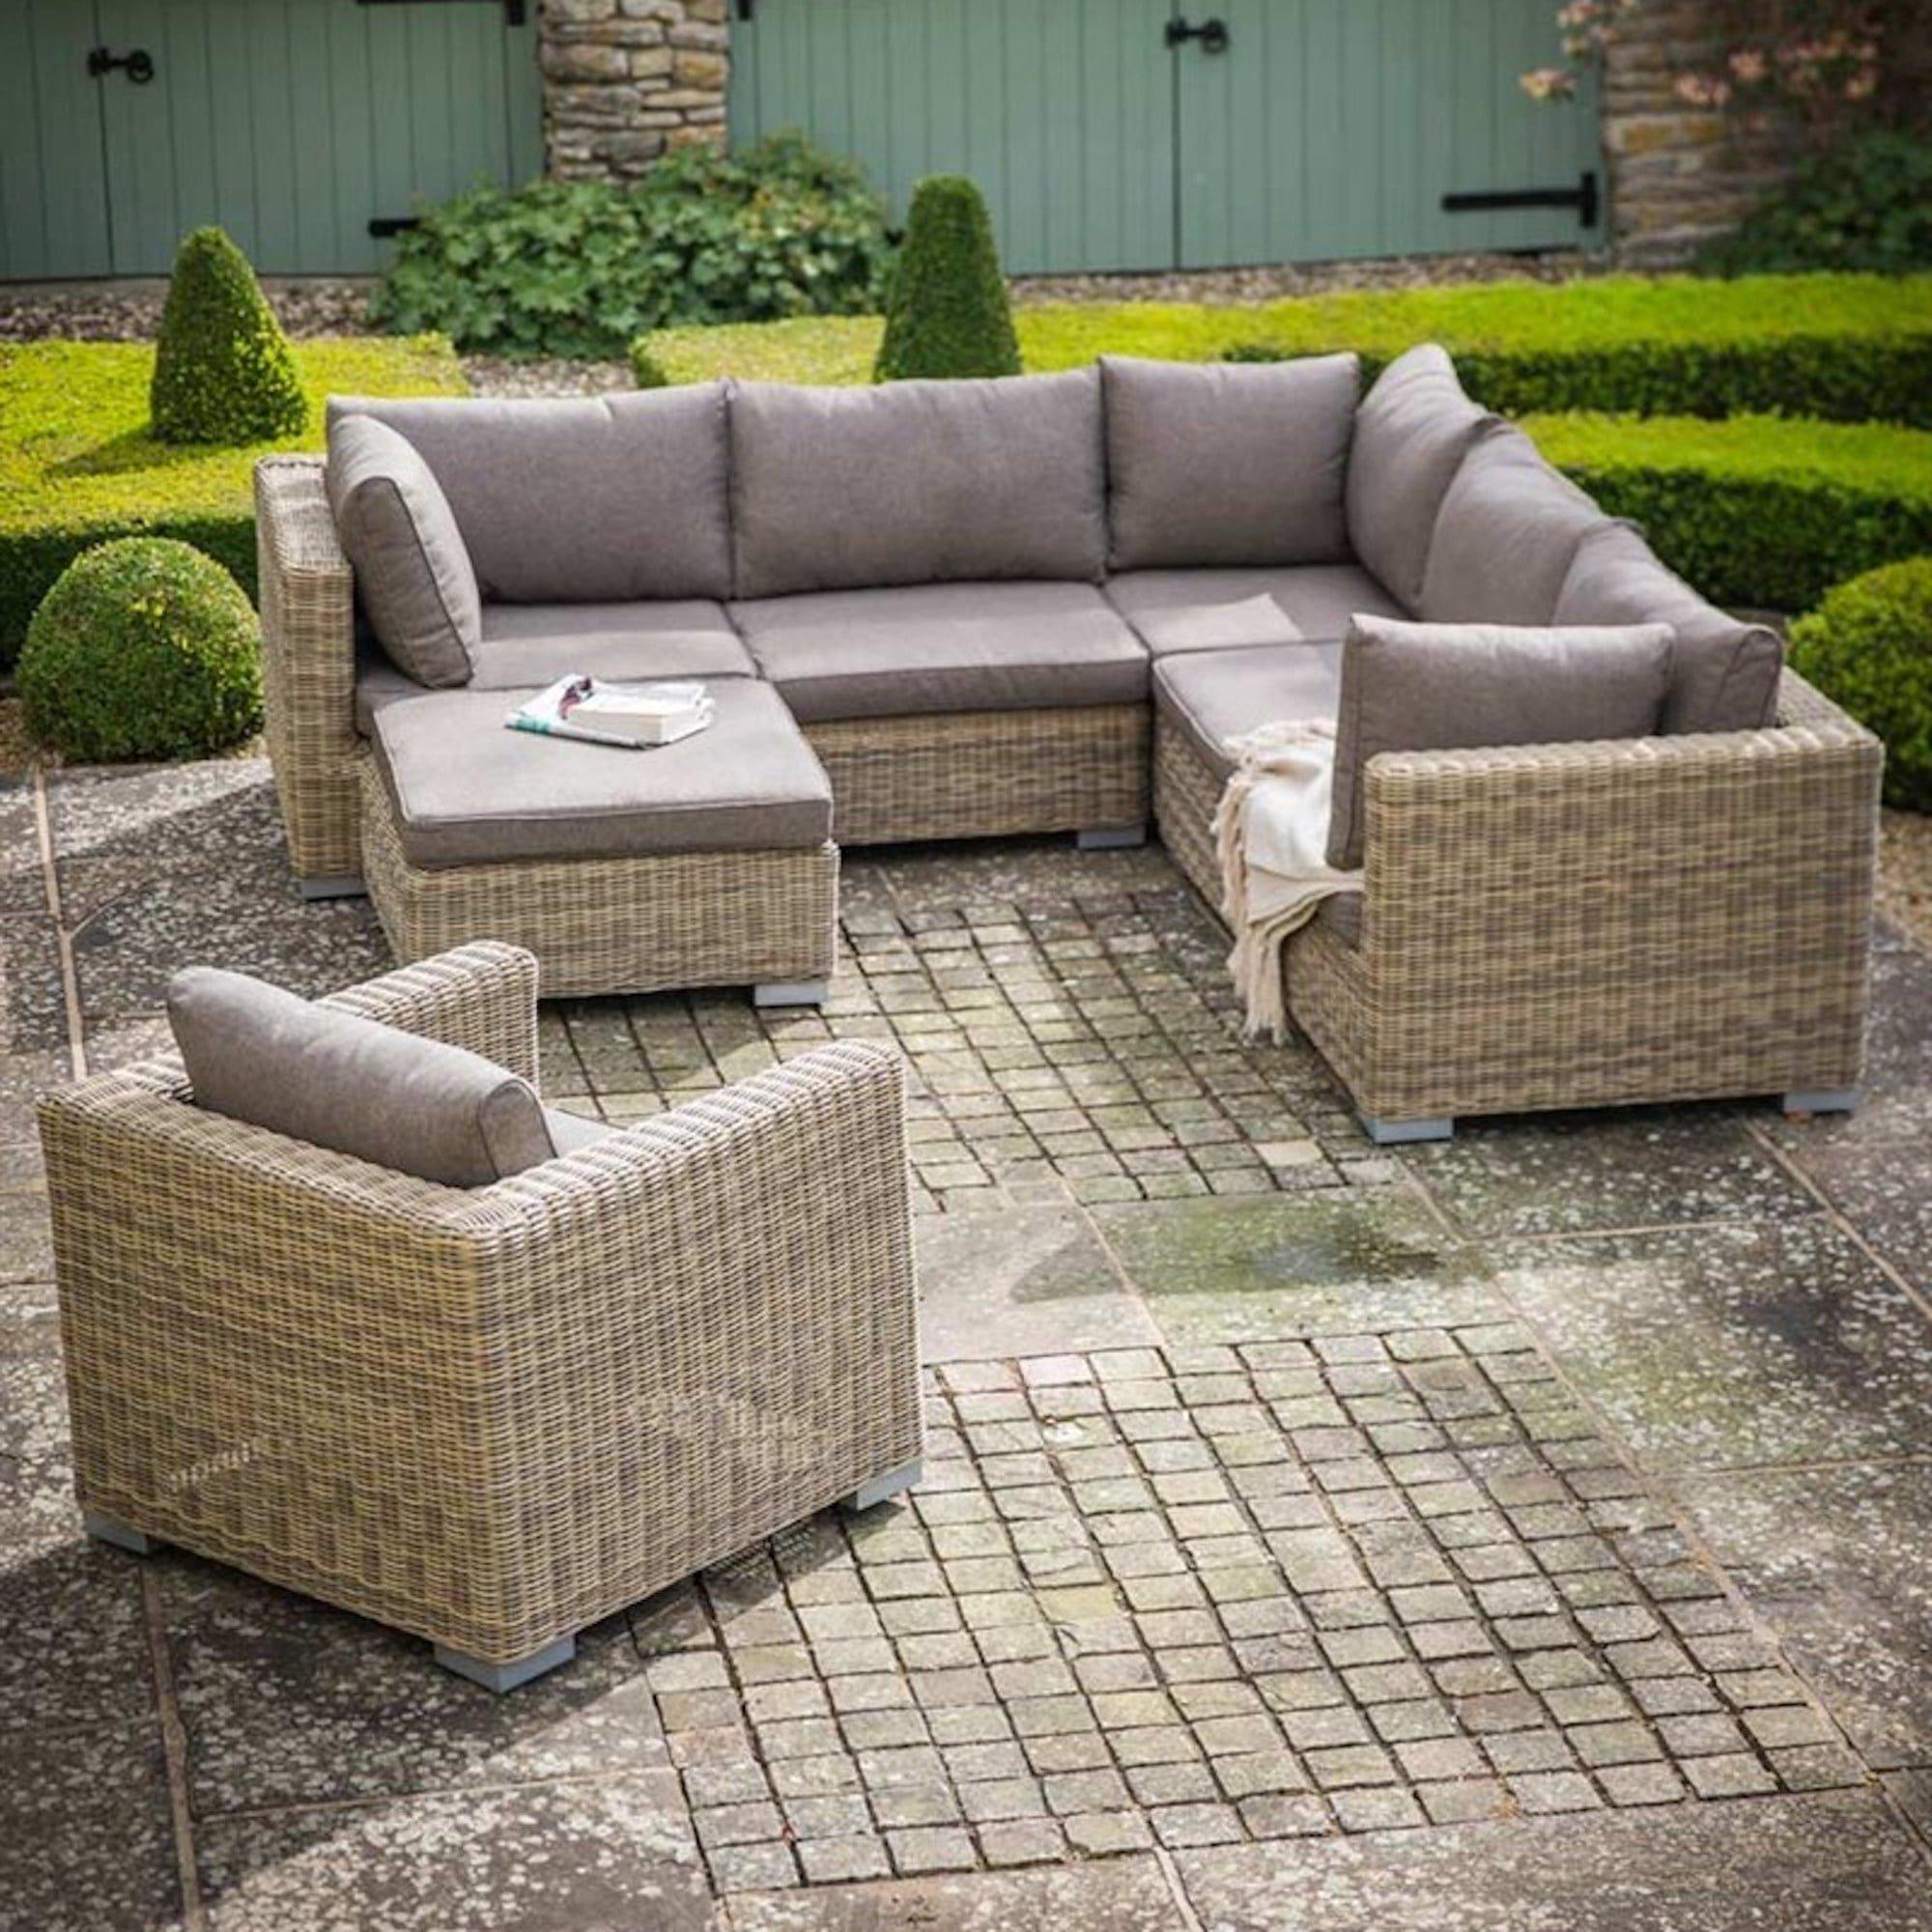 garden sofa  41